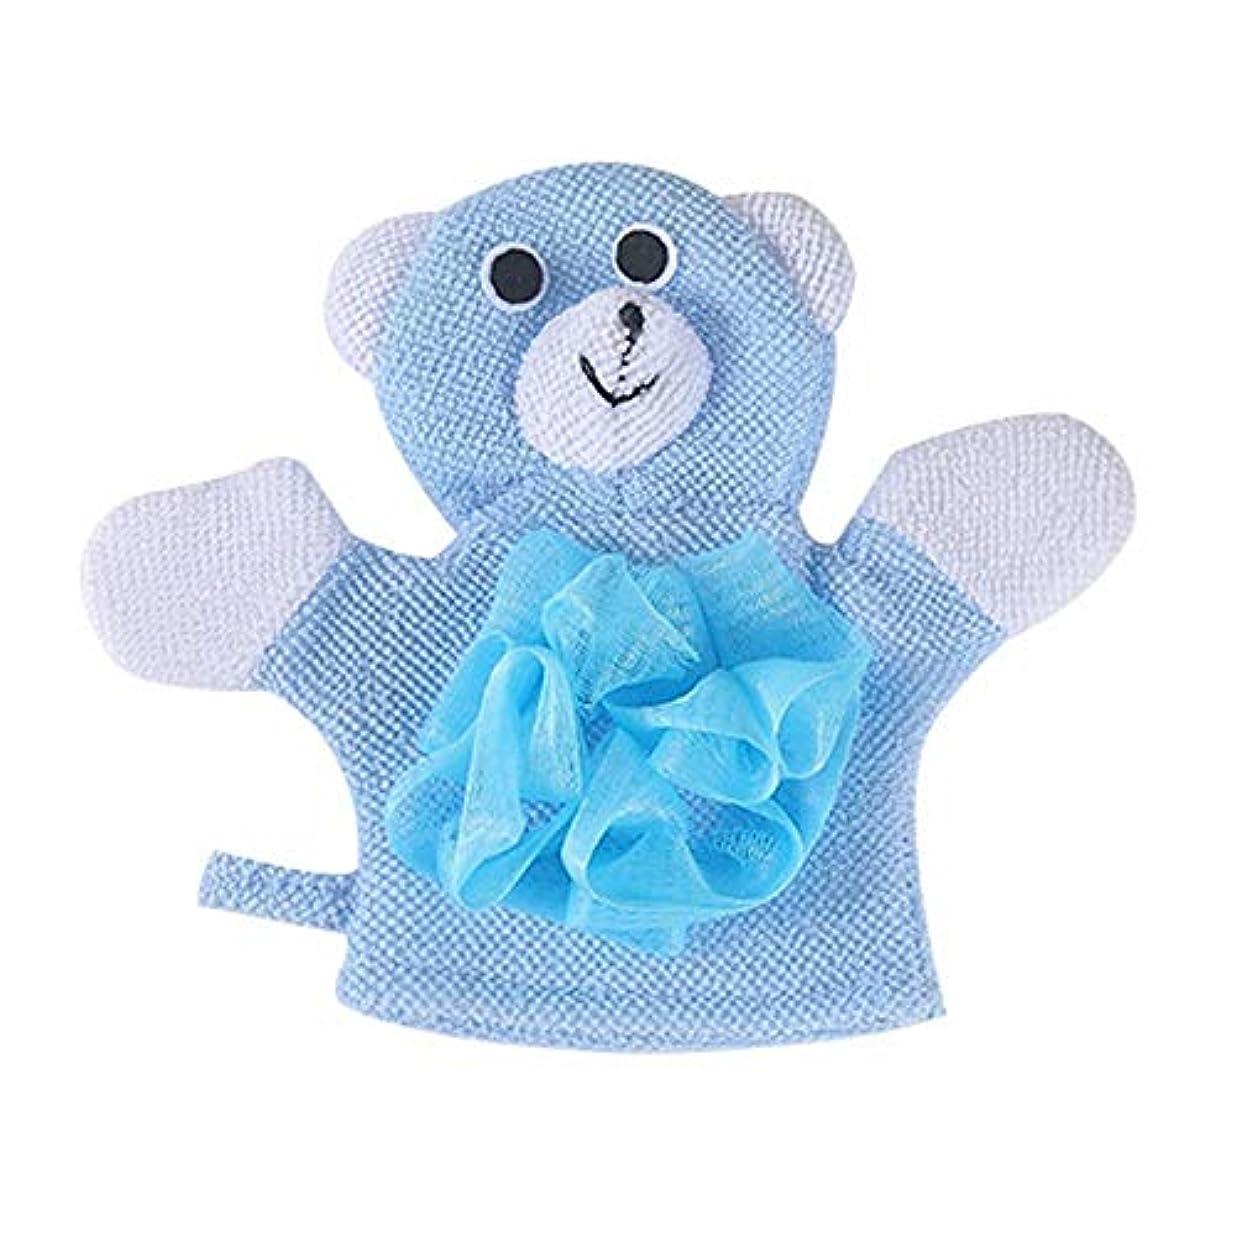 手のひら図書館マウスピースBTXXYJP お風呂用手袋 あかすり シャワー手袋 ボディブラシ やわらか バス用品 ボディタオル 角質除去 (Color : Blue)